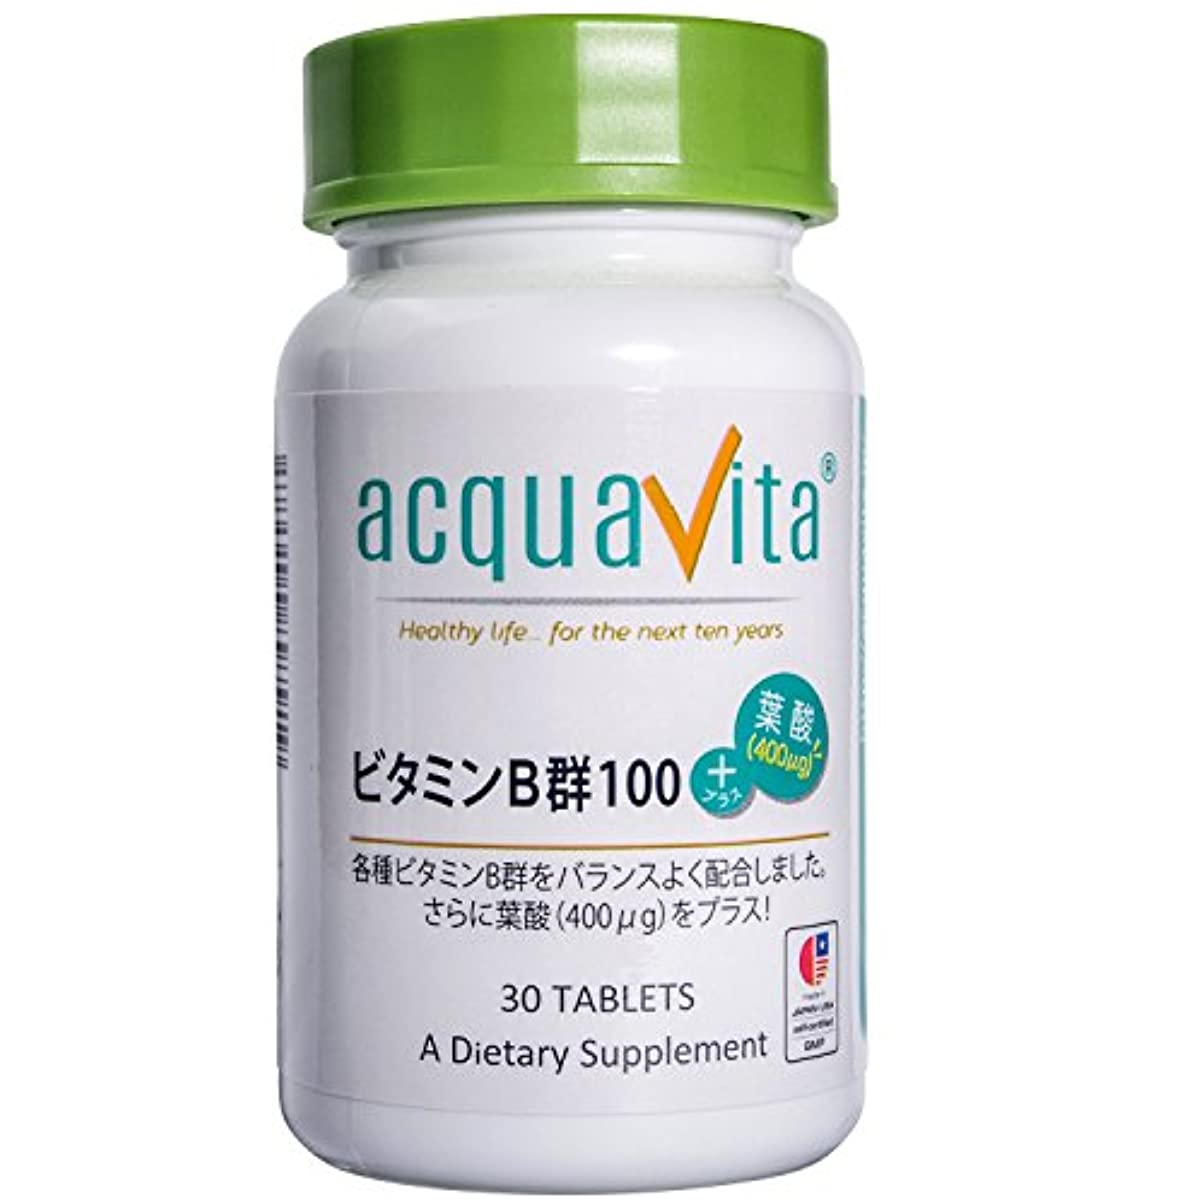 究極の反対する税金acquavita(アクアヴィータ) ビタミンB群100+葉酸(400μg) 30粒